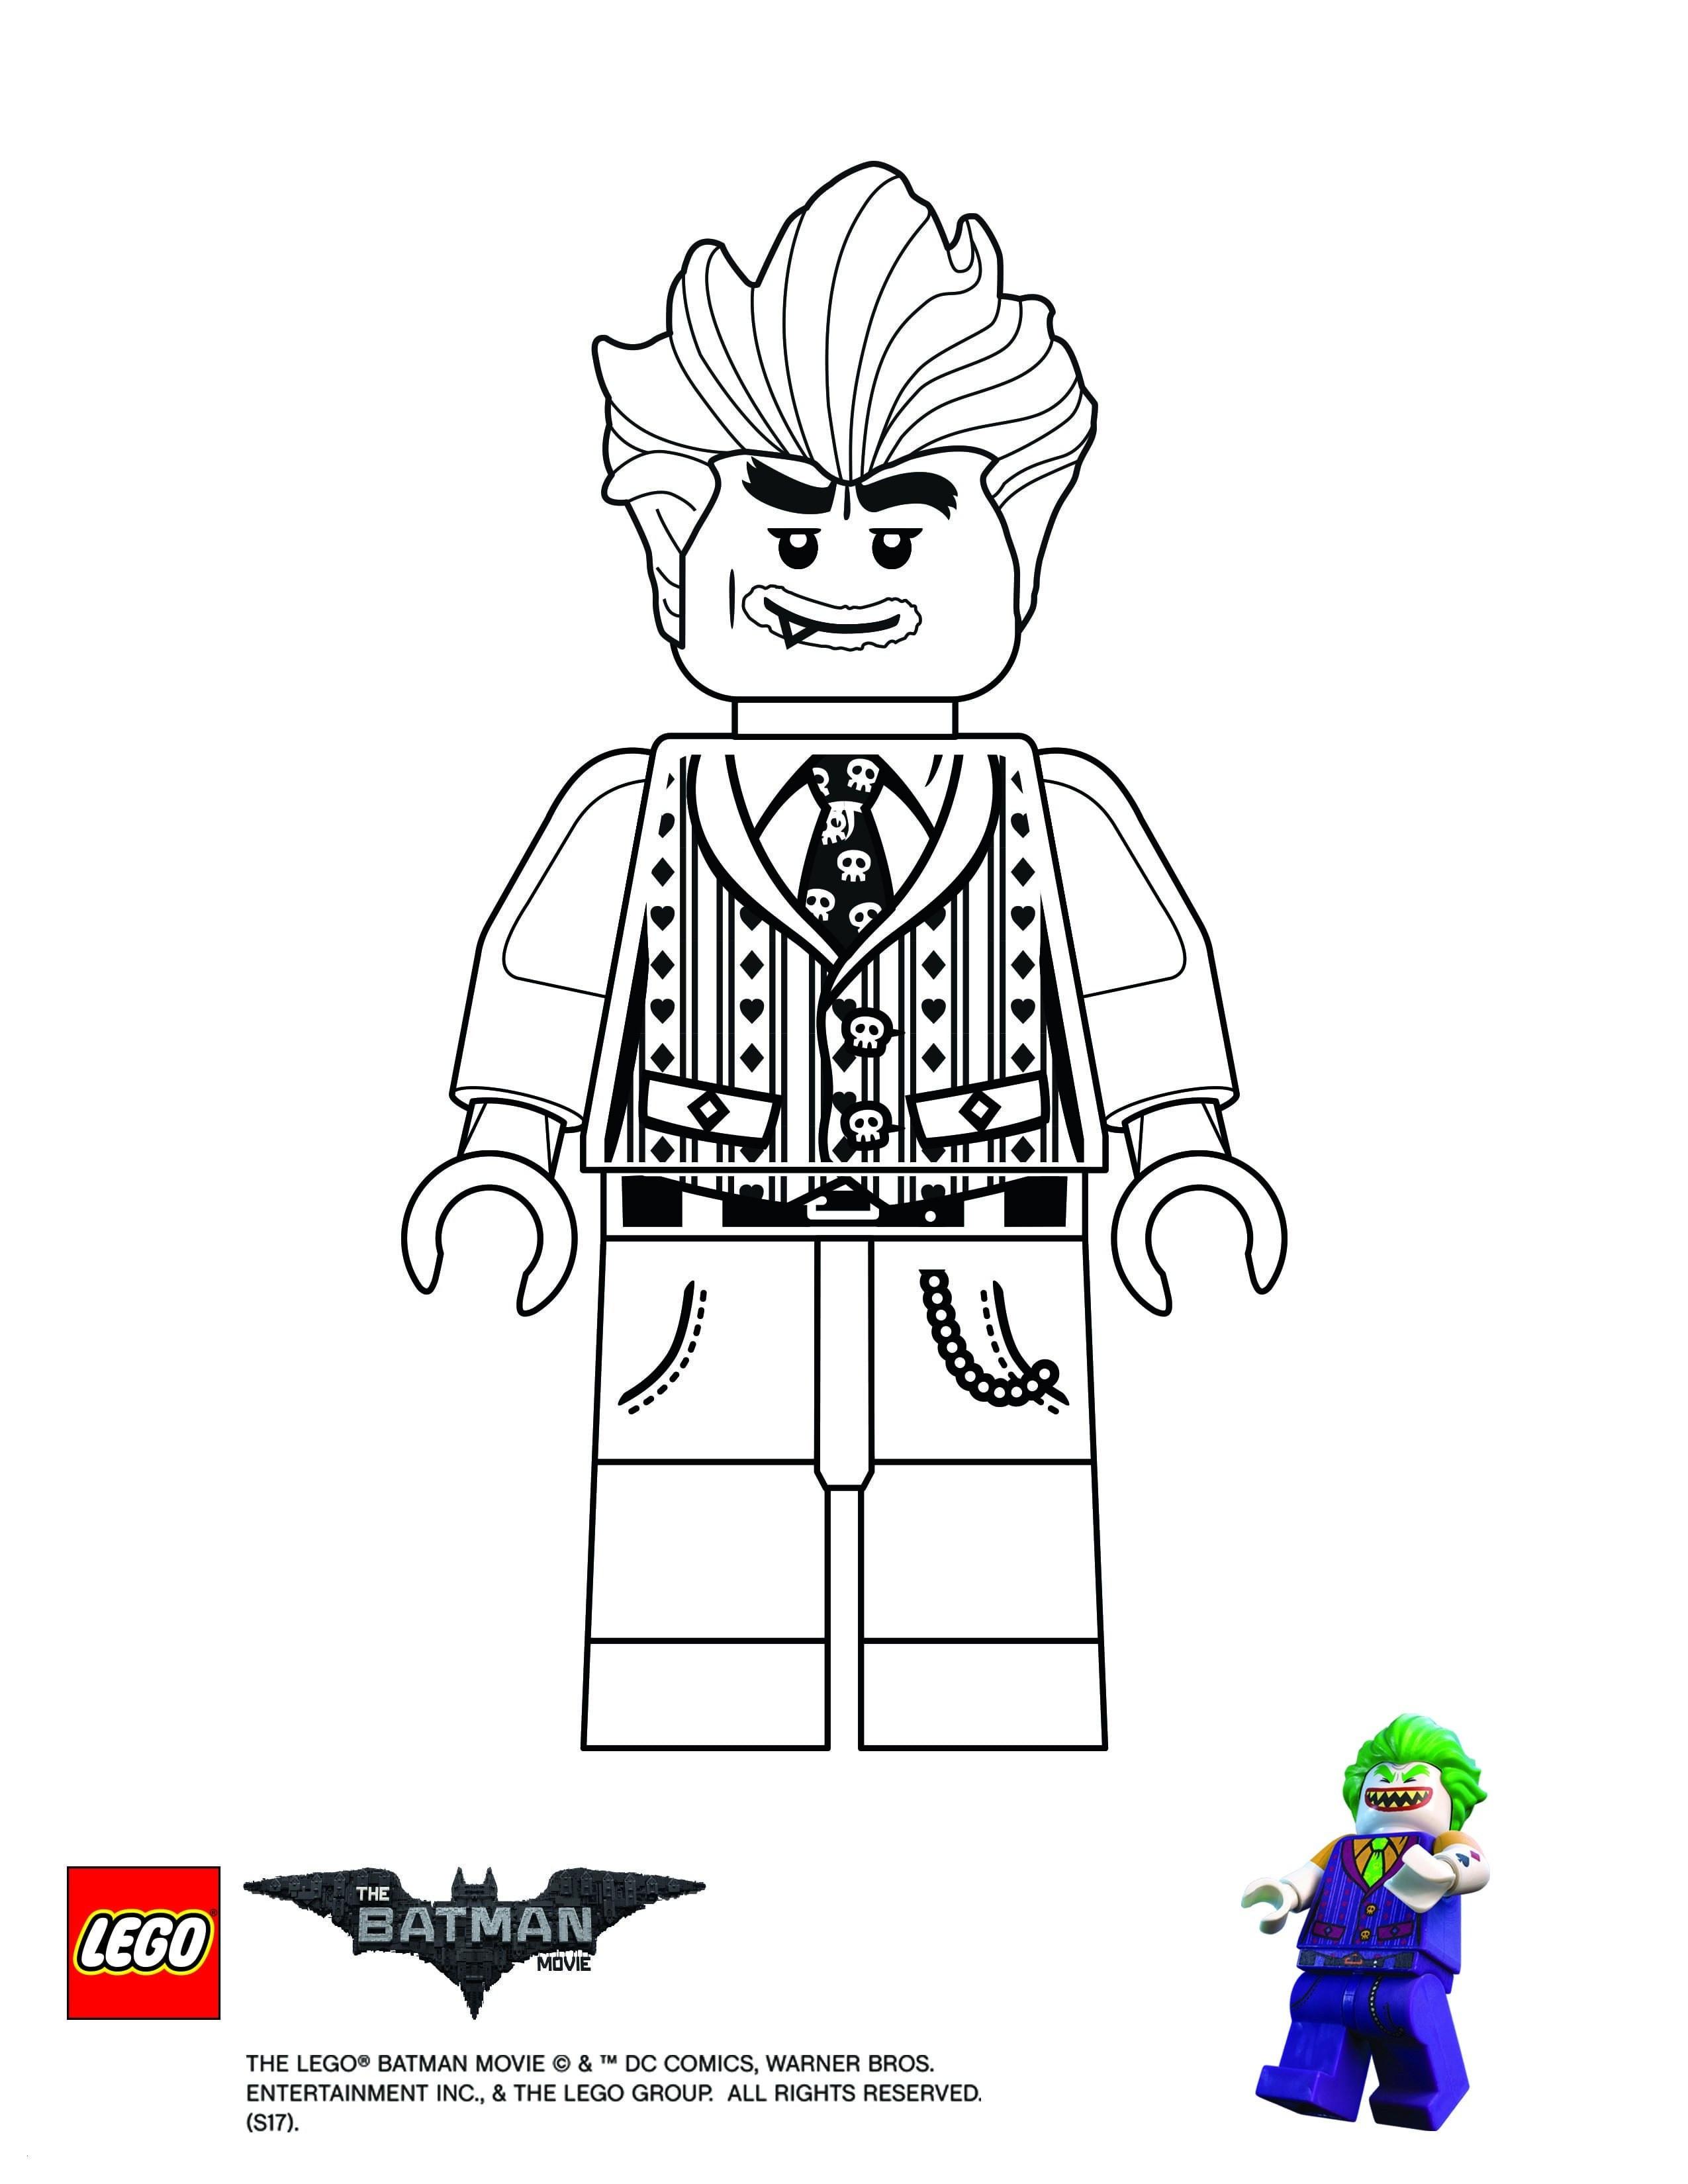 Ausmalbilder Star Wars Lego Inspirierend 28 Malvorlagen Star Wars todesstern My Blog Das Bild